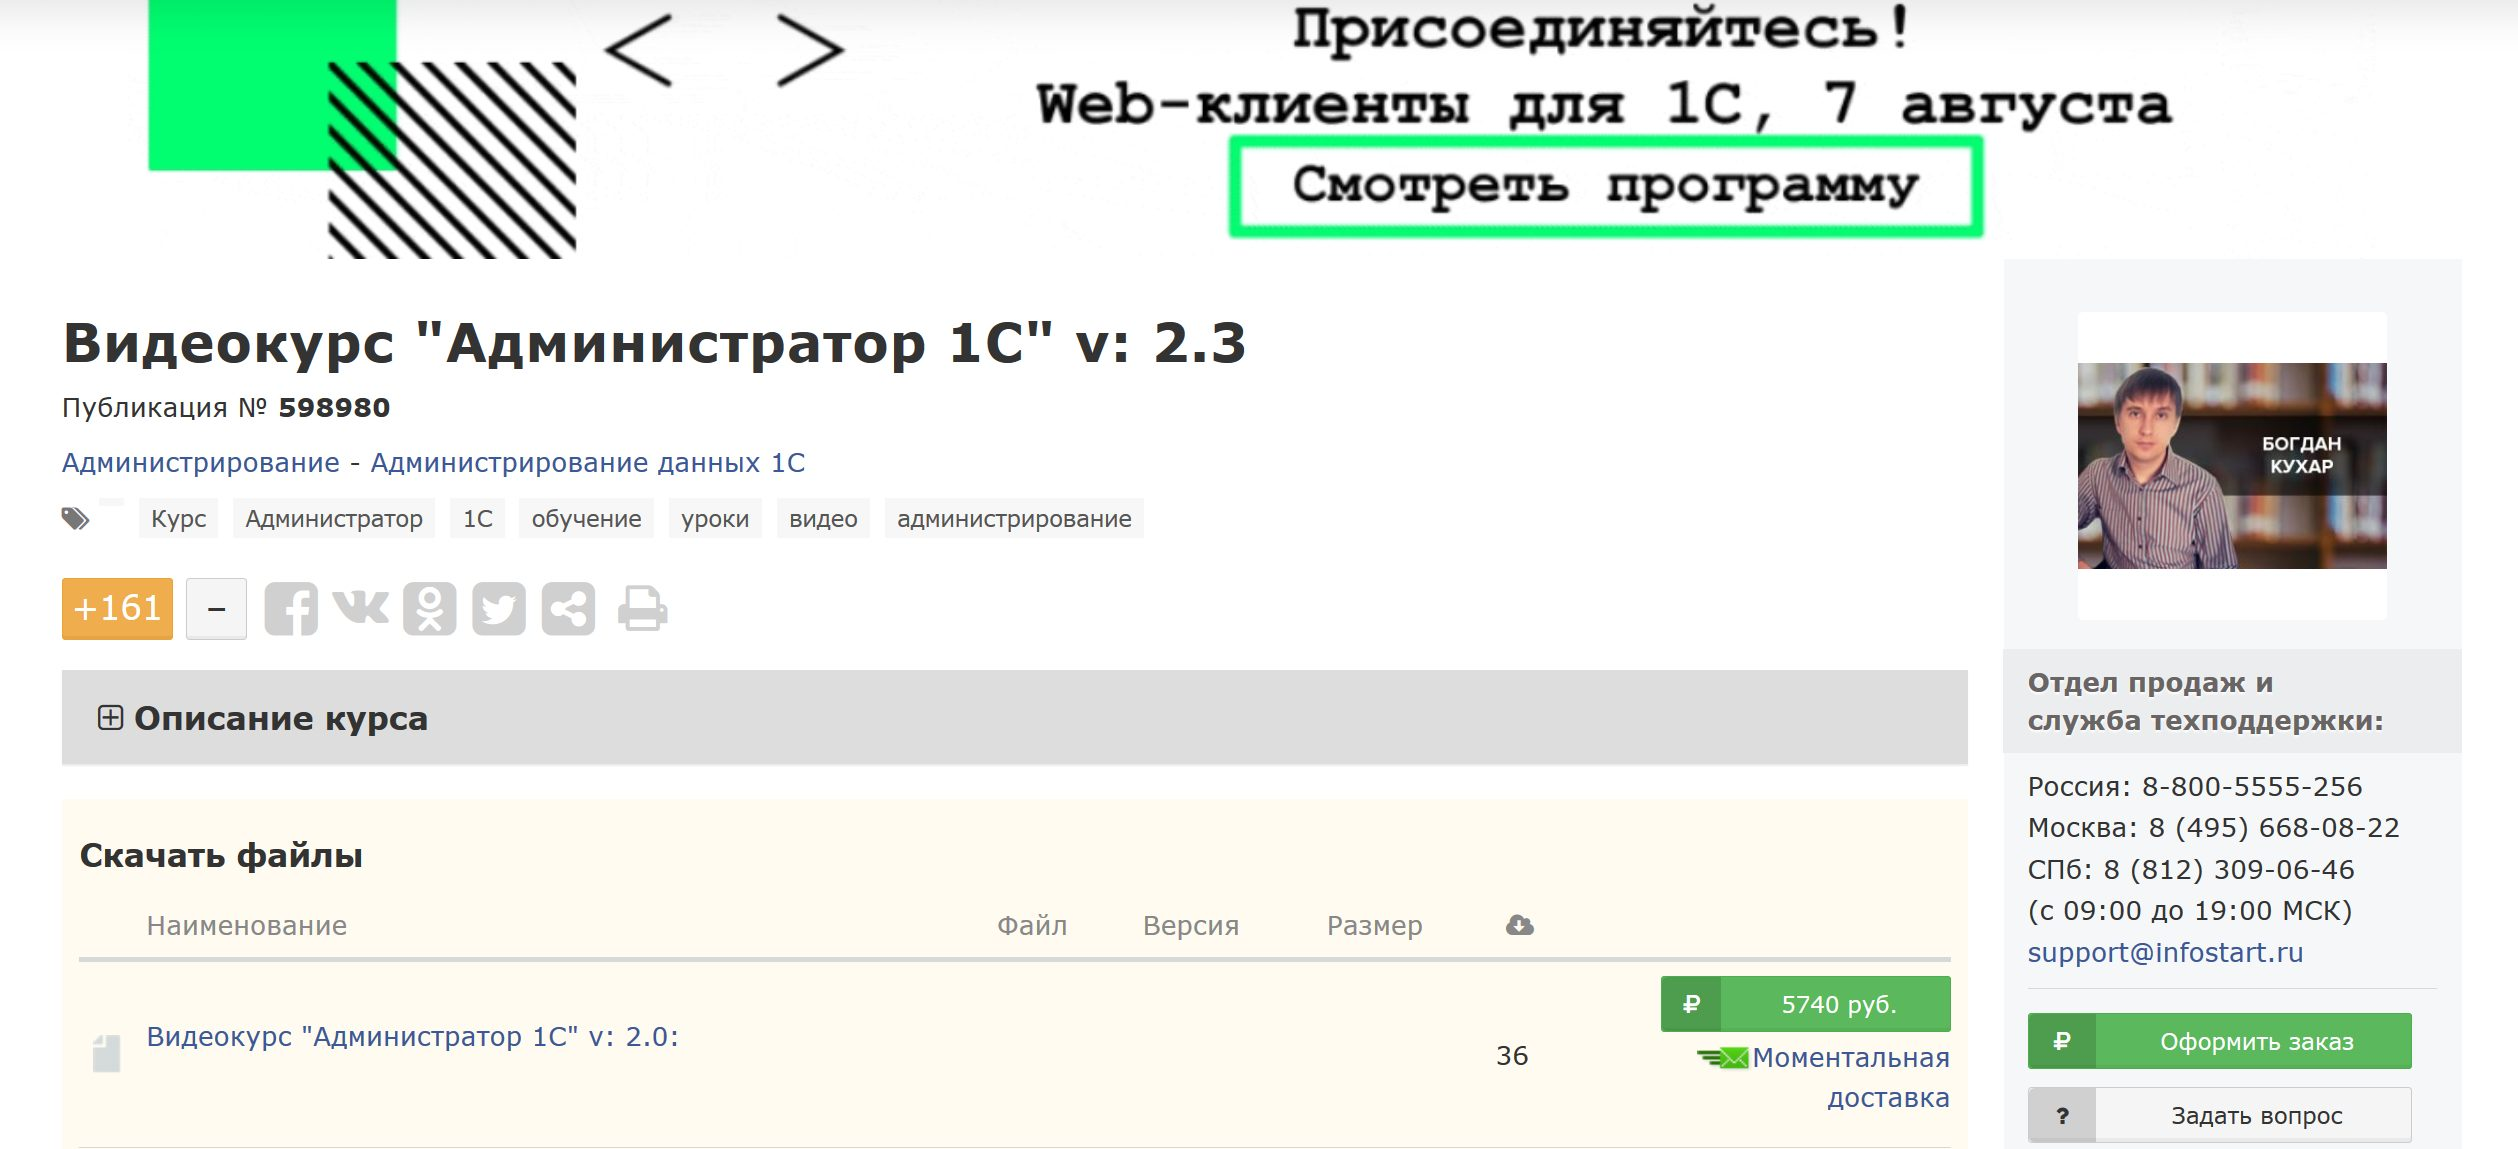 8. Видеокурс «Администратор 1С» от infostart.ru